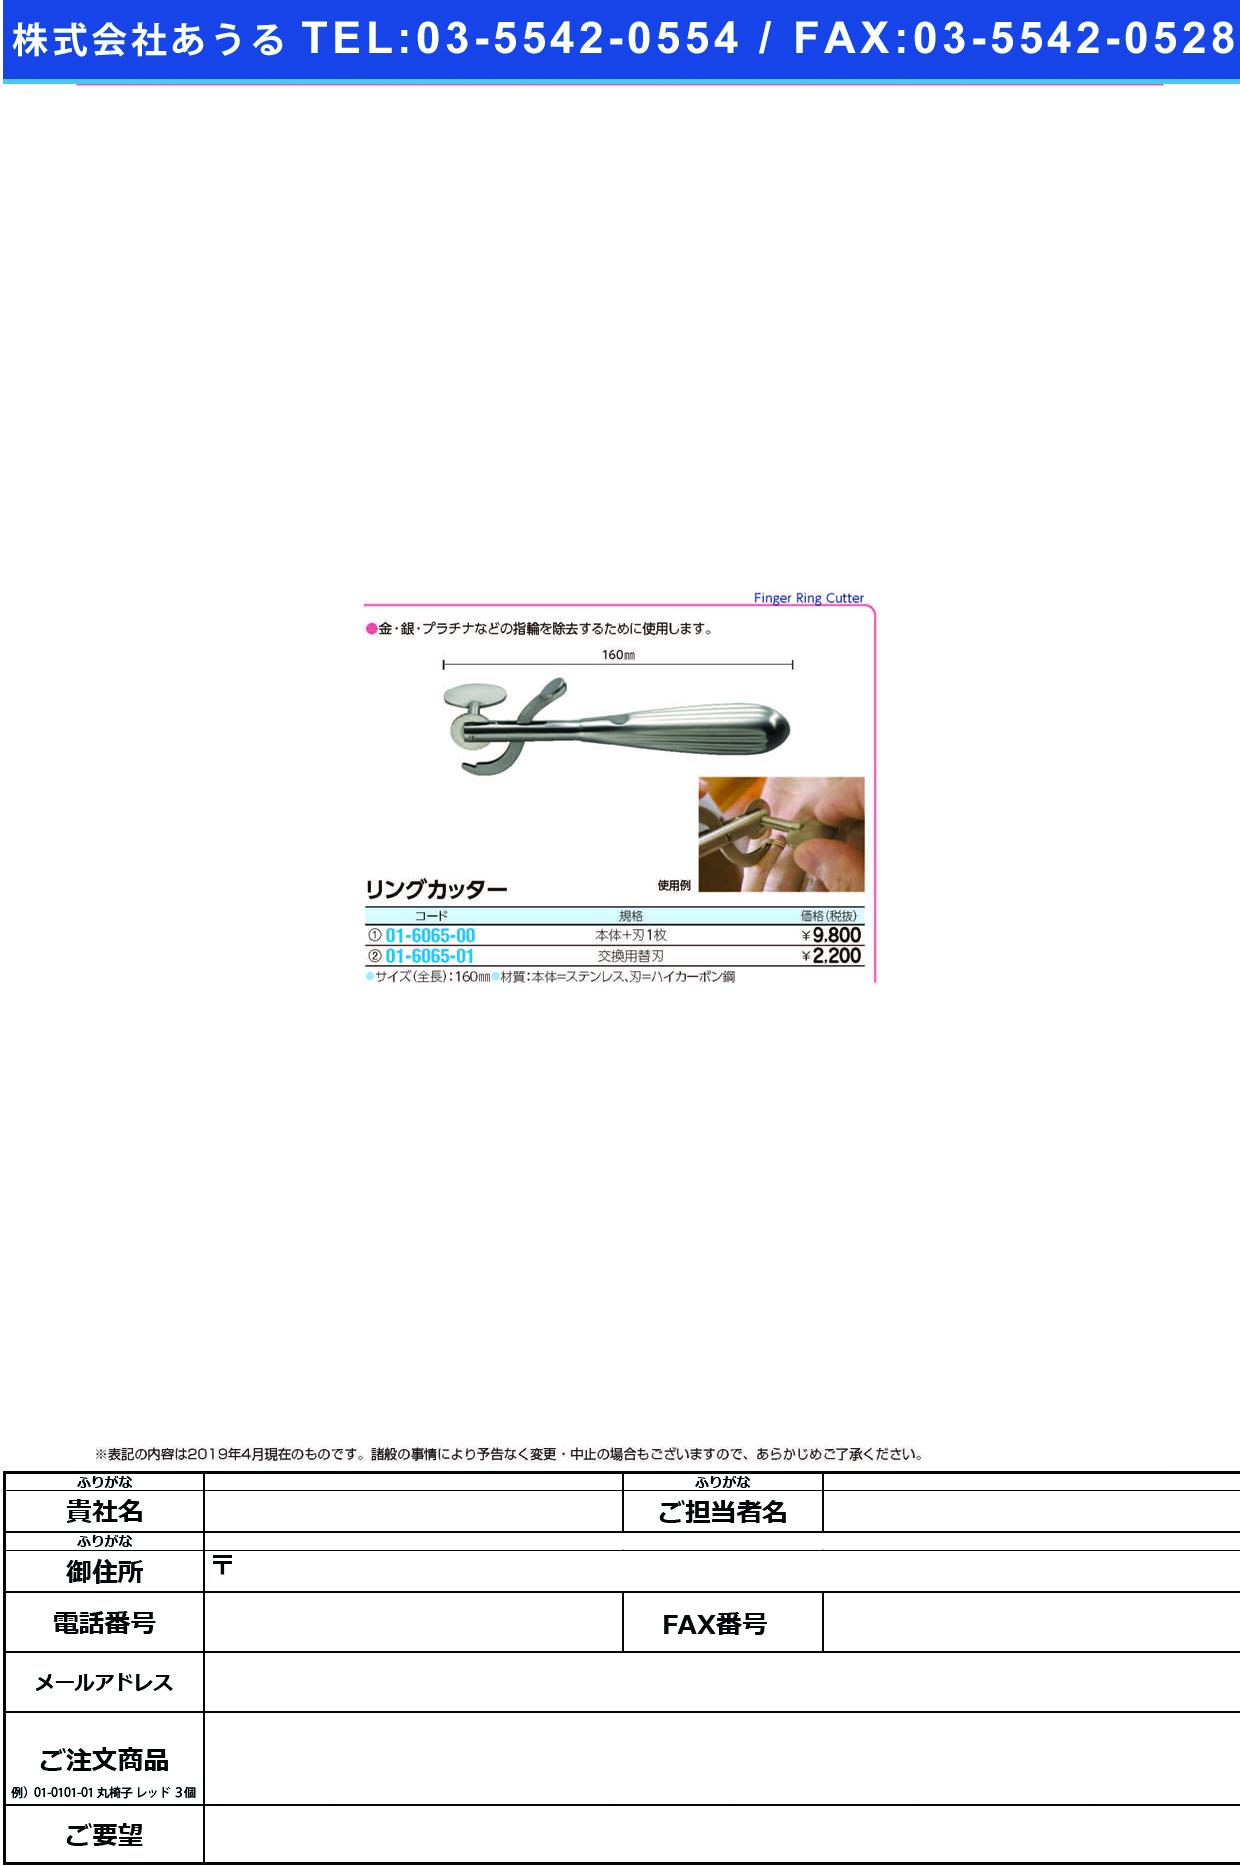 (01-6065-00)リングカッター(ステンレス製) 16CM リングカッター(ステンレスセイ)【1本単位】【2019年カタログ商品】